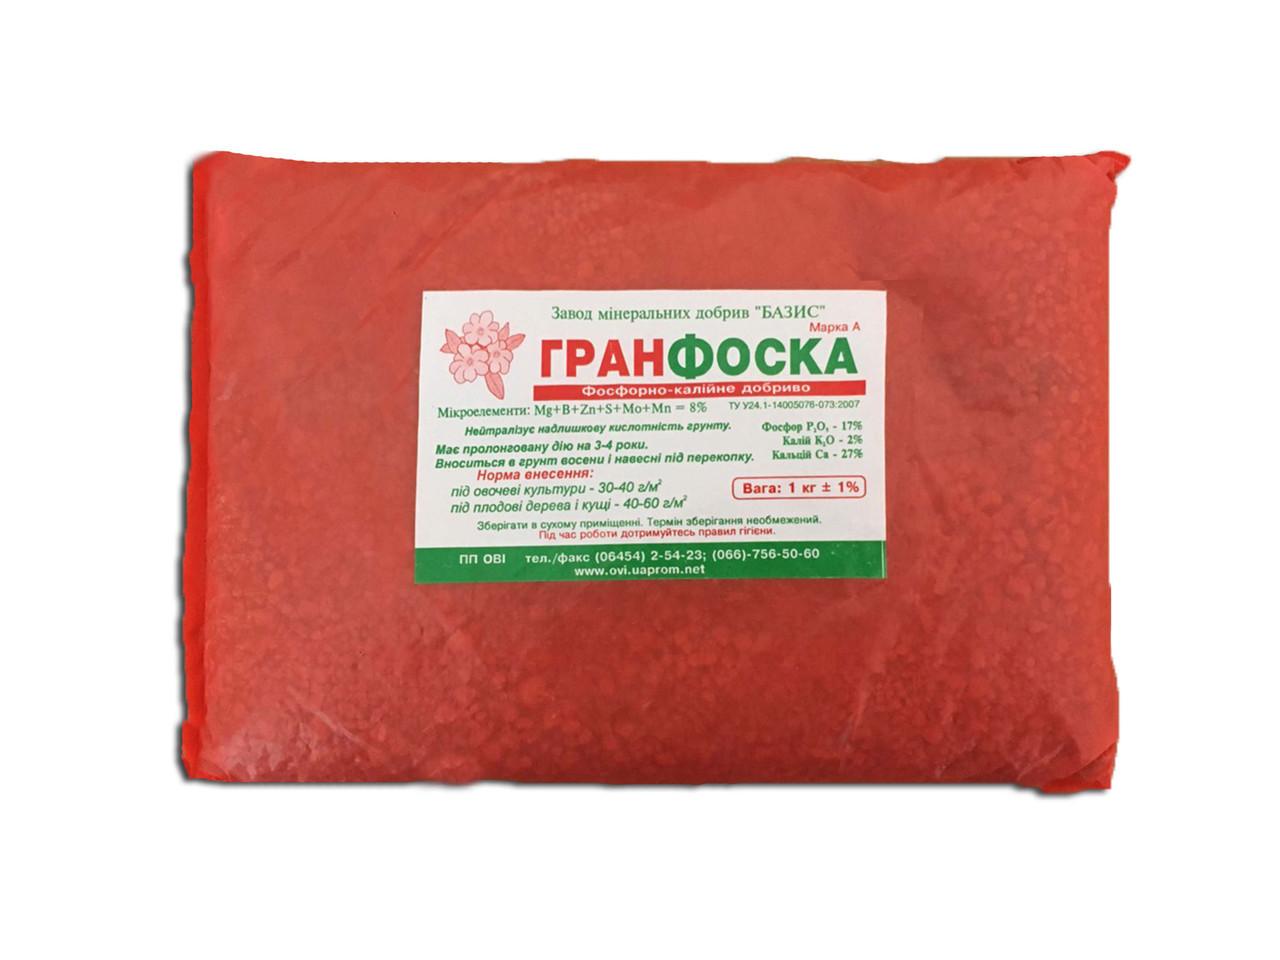 Фосфорно-калийное удобрение Гранфоска P-17%,K-2%,Ca-27%, 1 кг